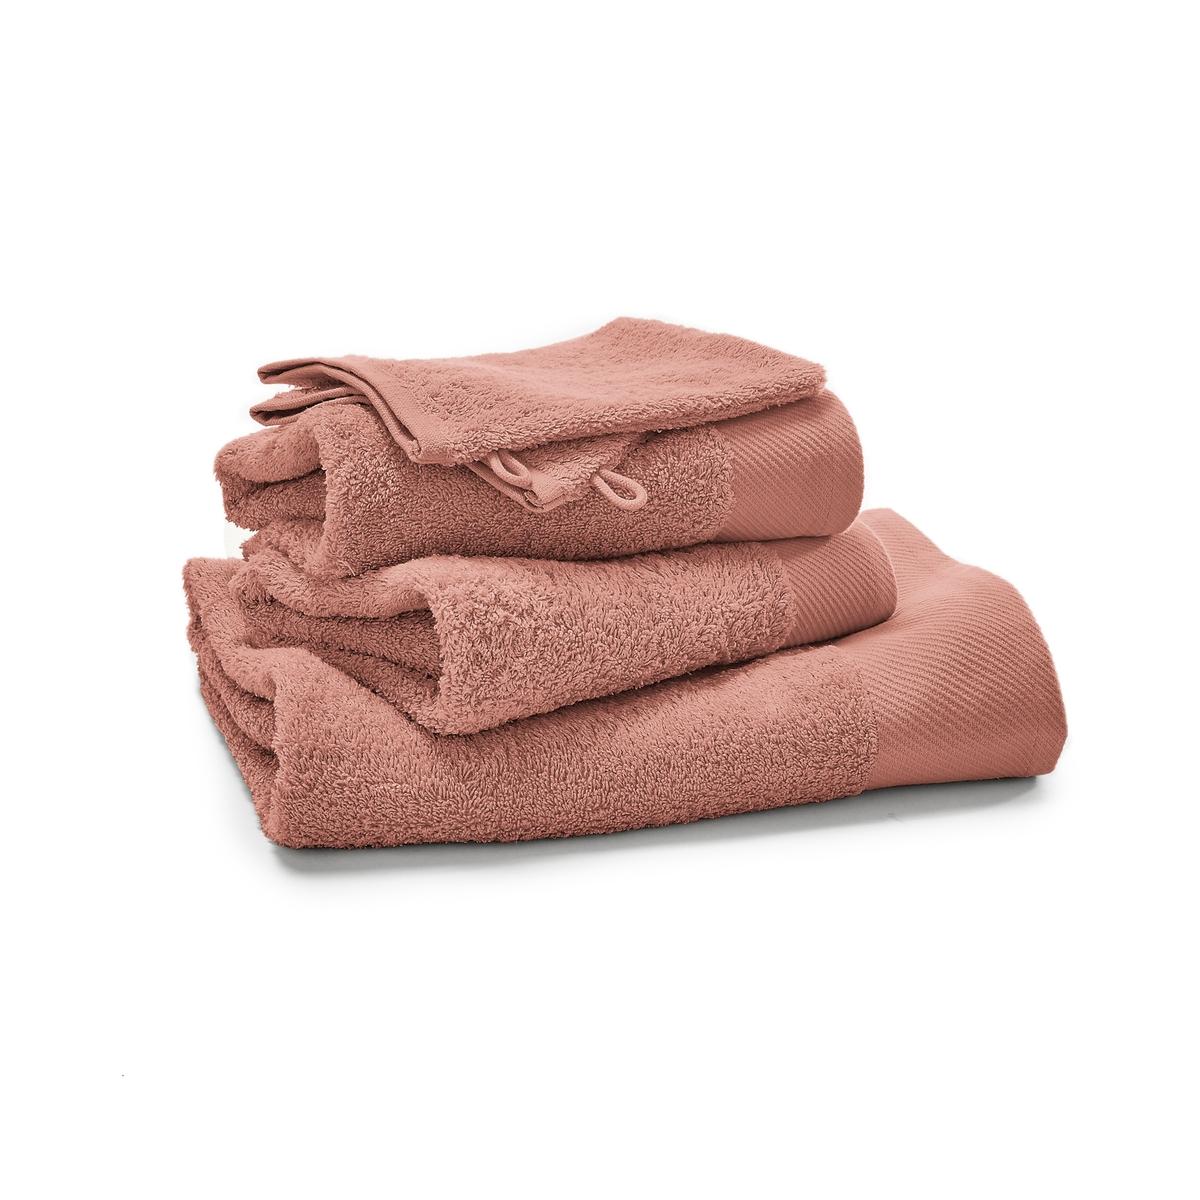 Комплект из однотонных банных La Redoute Принадлежностей из махровой ткани гм SCENARIO единый размер розовый полотенце la redoute для рук из махровой ткани хлопок с люверсом единый размер бежевый